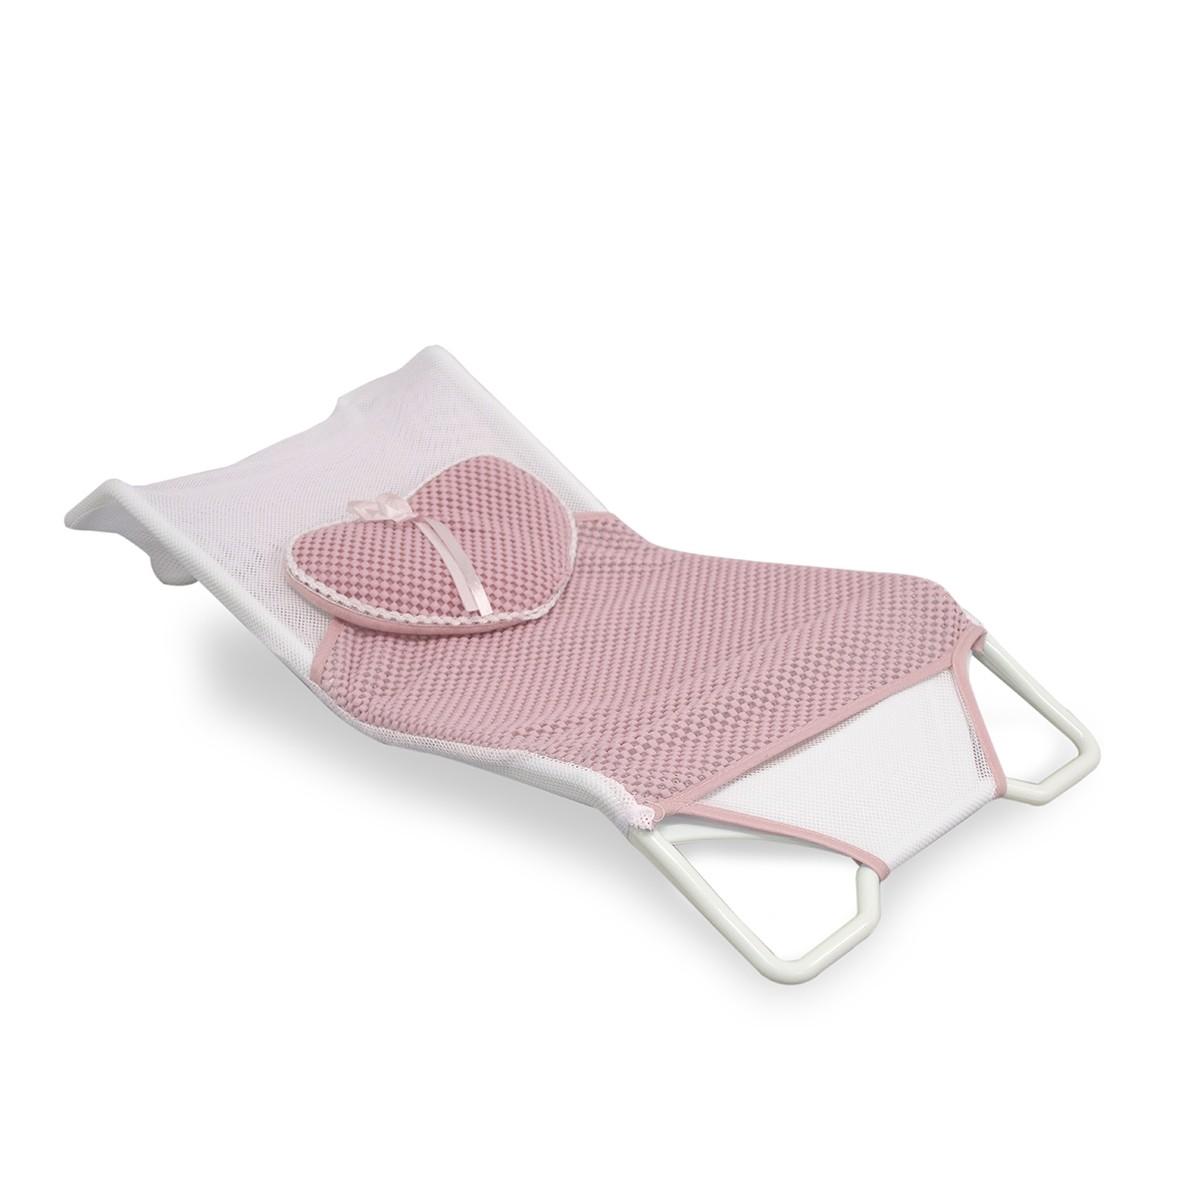 Cadeira de Banho Banheira Baby Style